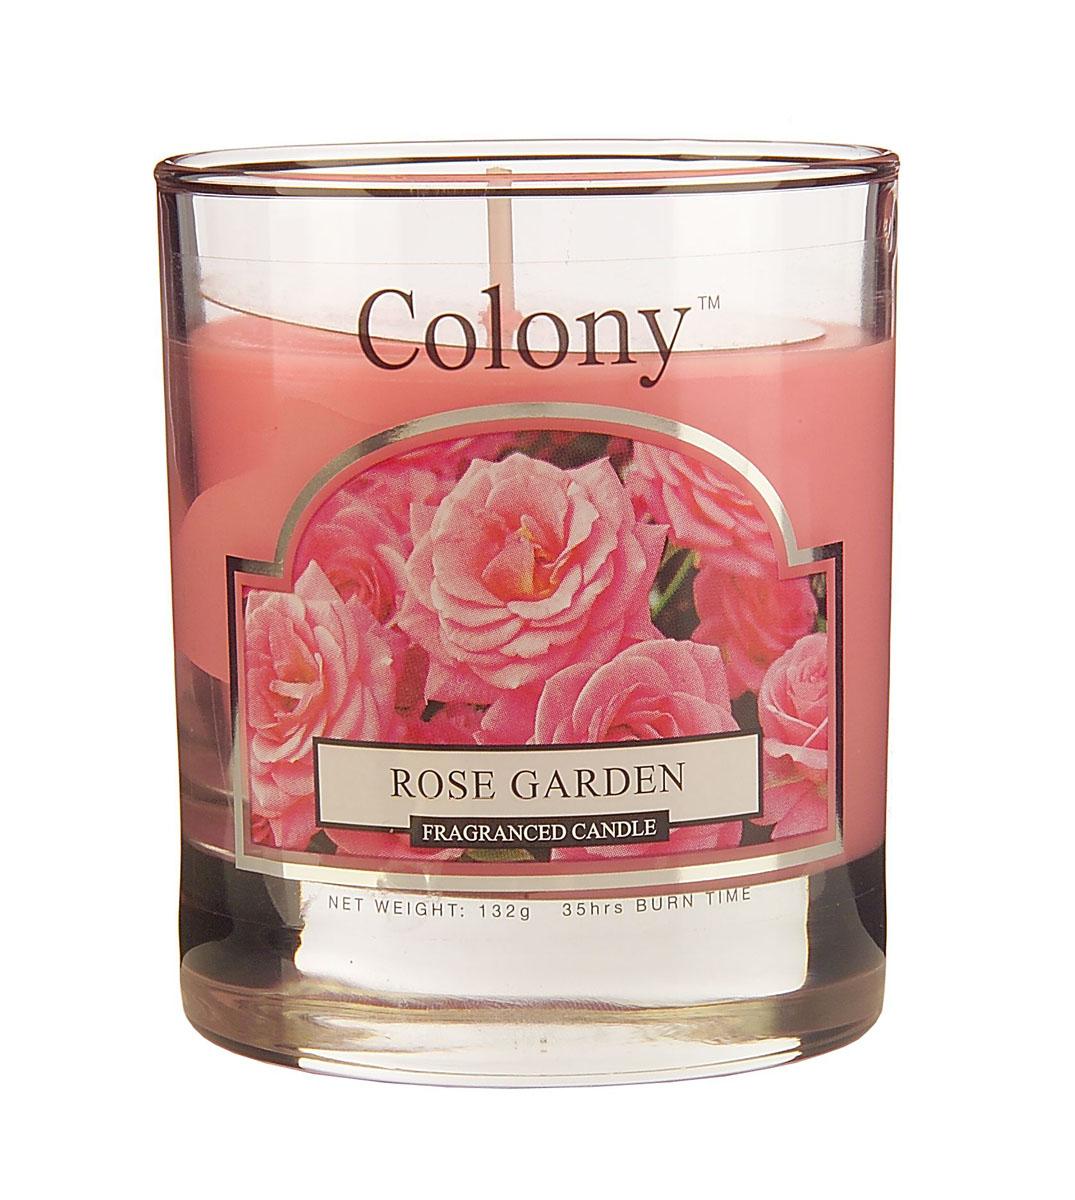 Wax Lyrical Розовый сад ароматизированная свеча в стекле малая, 35часовUP210DFУзнаваемый аромат свежесрезанных роз, переплетающийся с нотками гардении